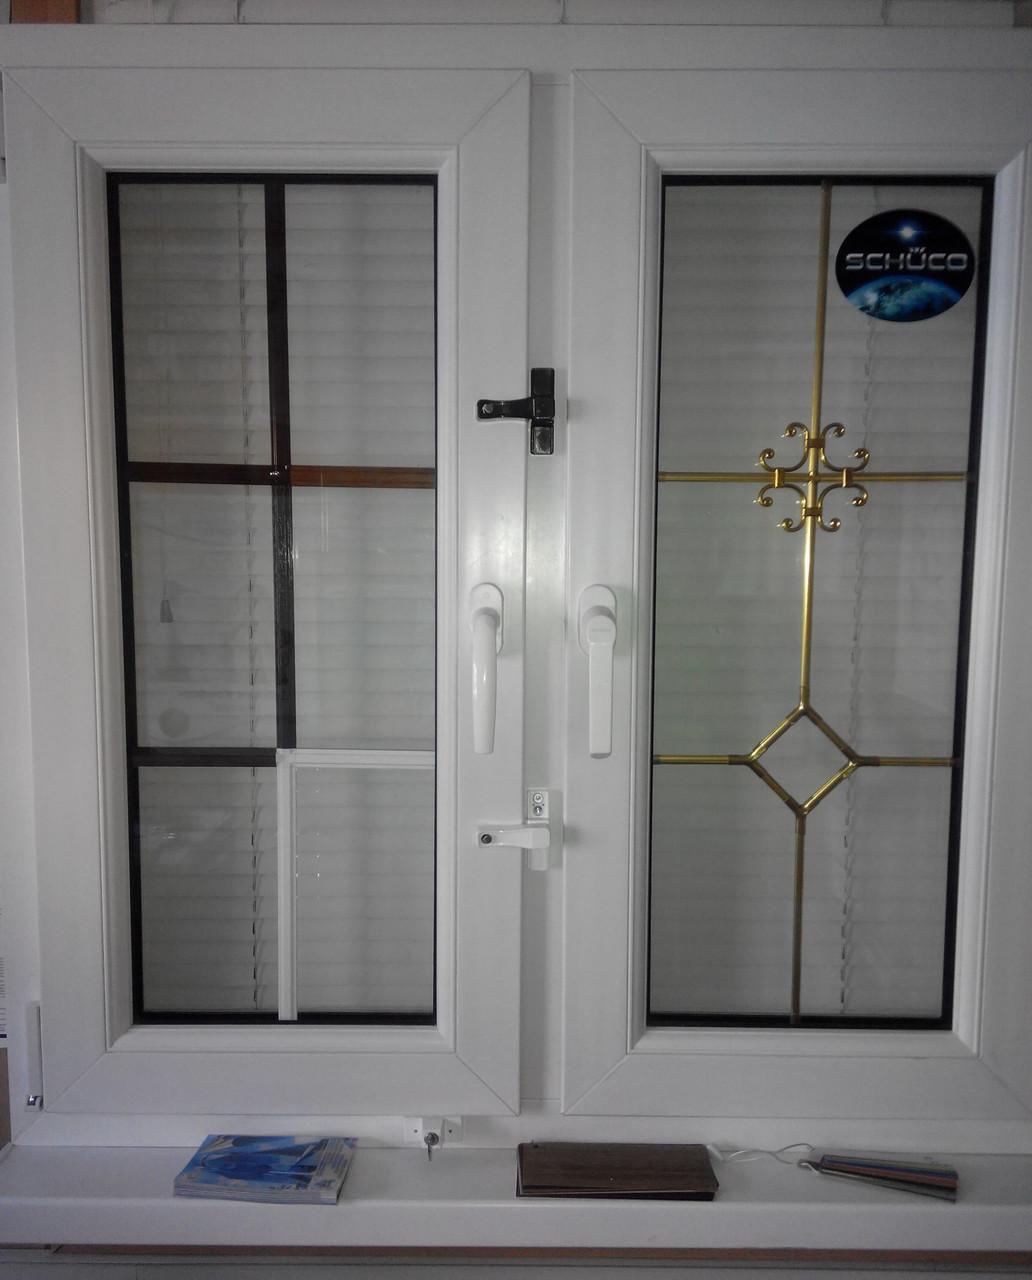 схема работы механизма дверей wds